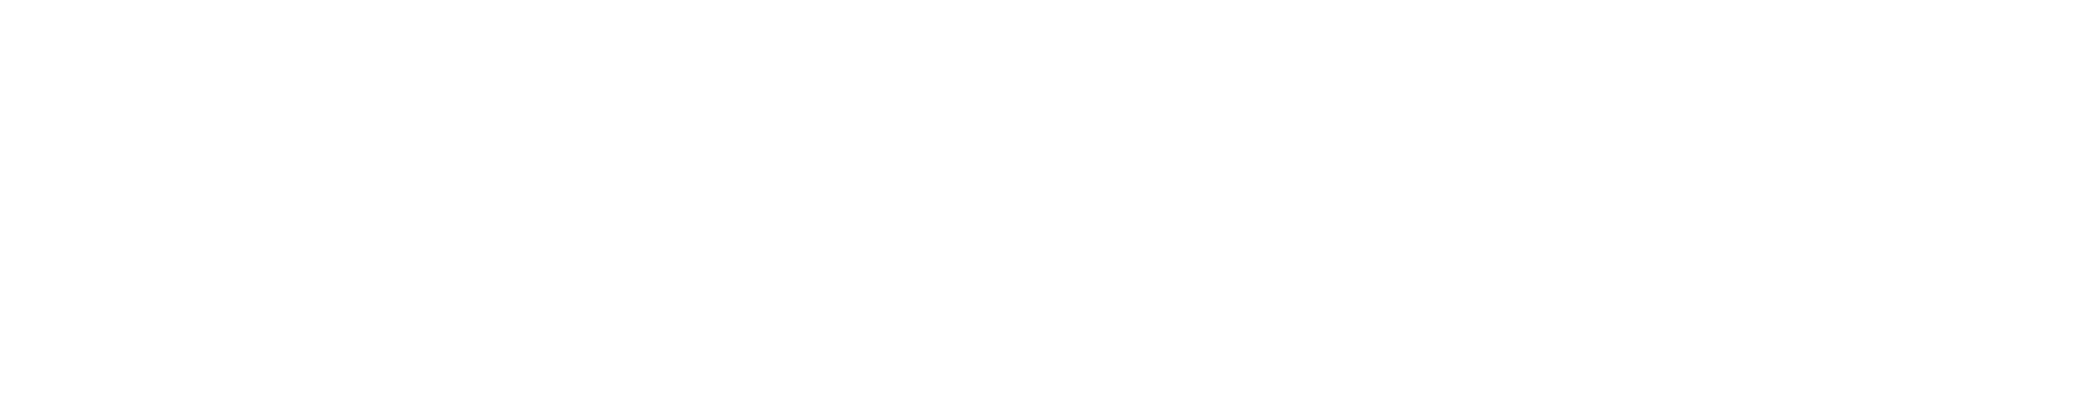 Shootproof white-logo.png